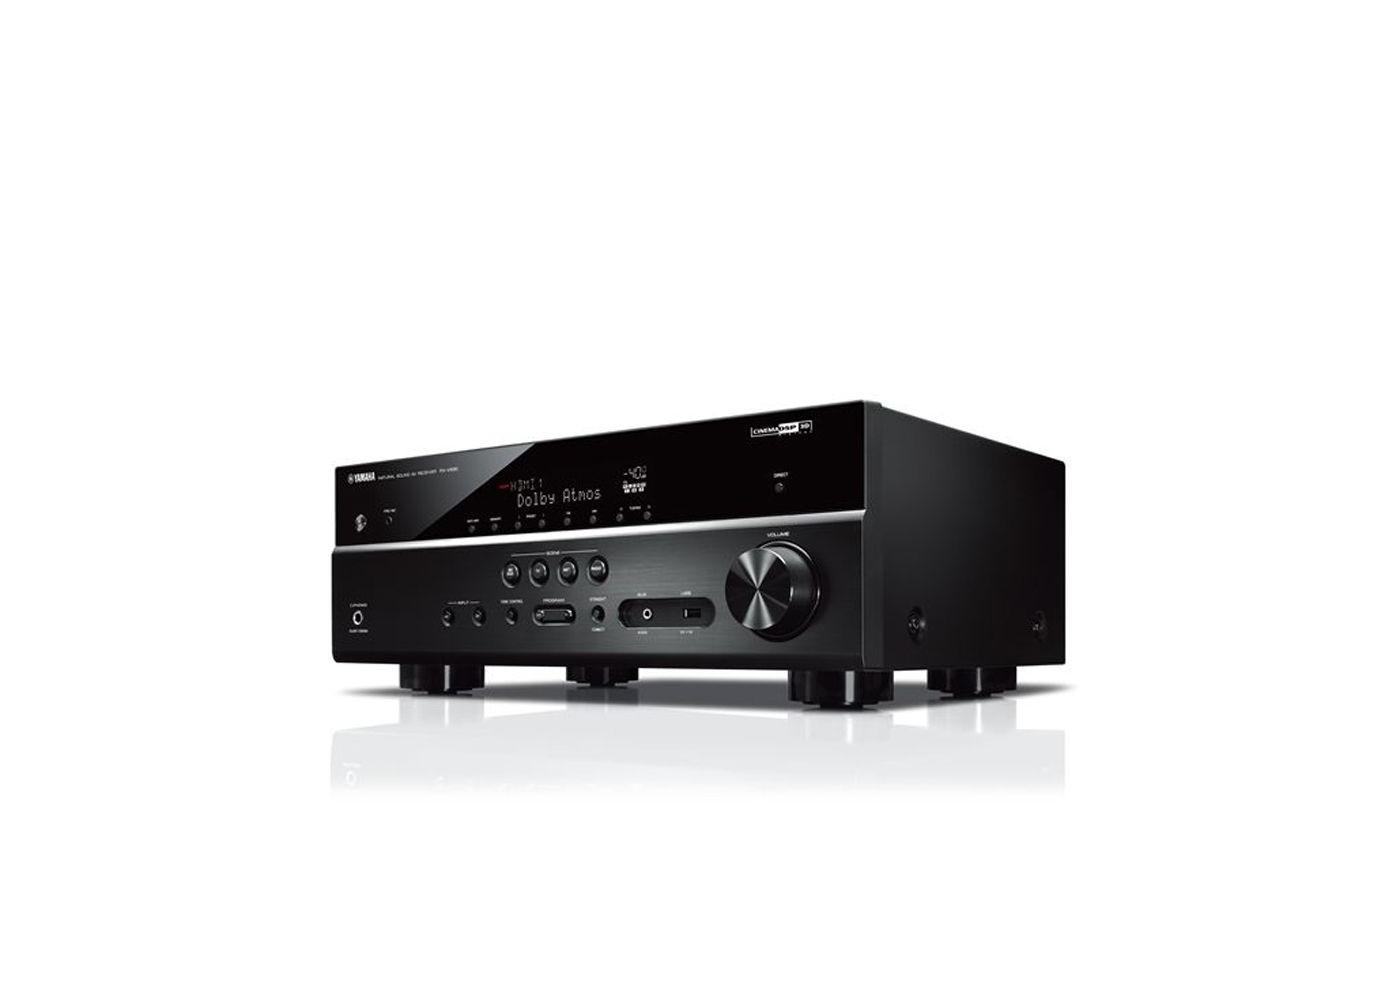 yamaha rx v585 black 7 2 channel a v receiver with musiccast. Black Bedroom Furniture Sets. Home Design Ideas